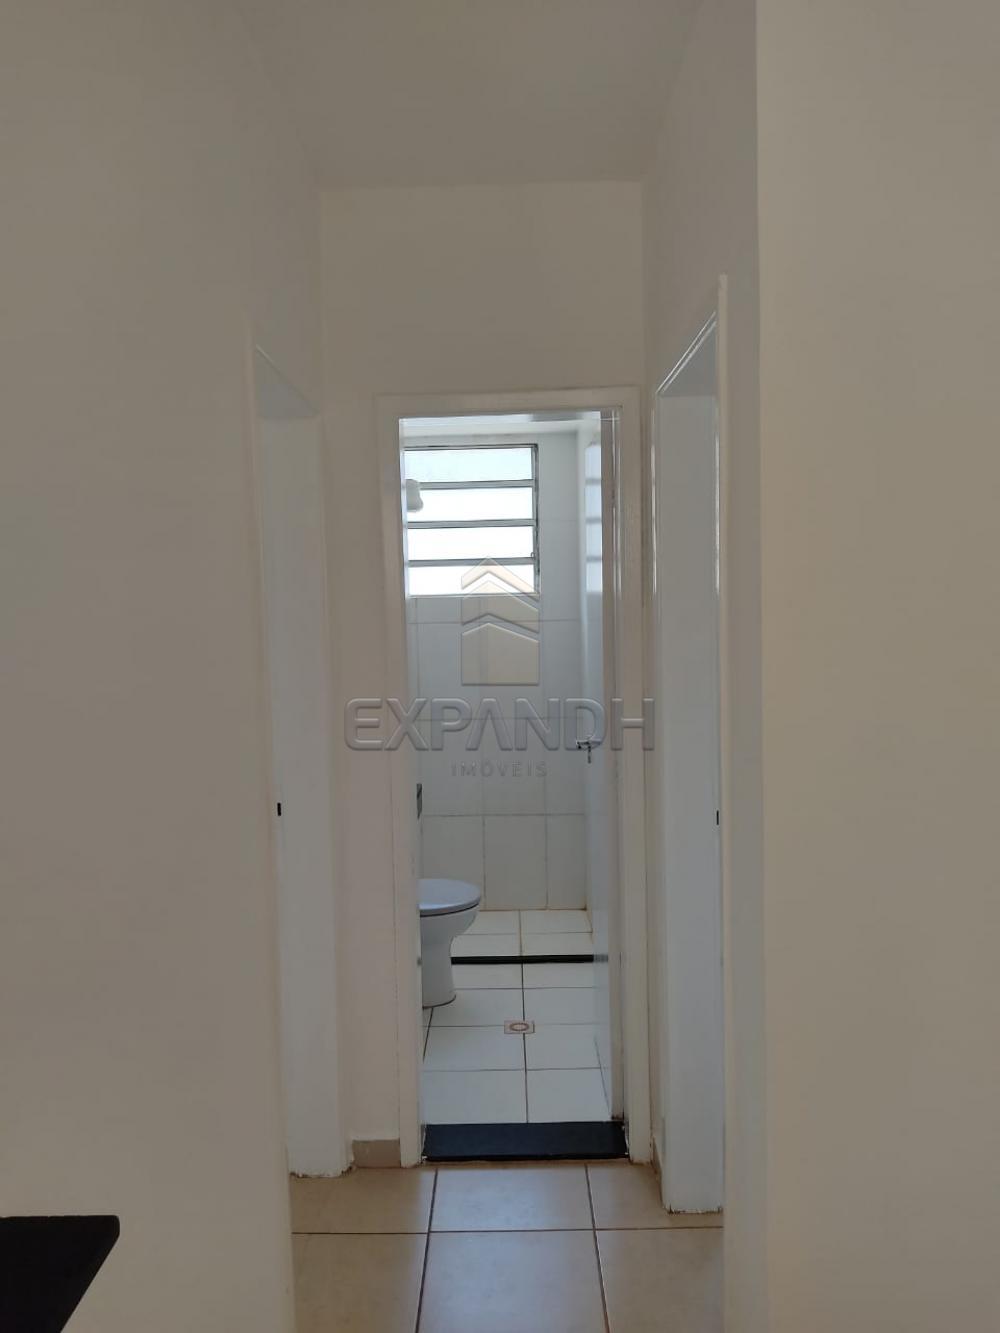 Alugar Apartamentos / Padrão em Sertãozinho R$ 550,00 - Foto 6